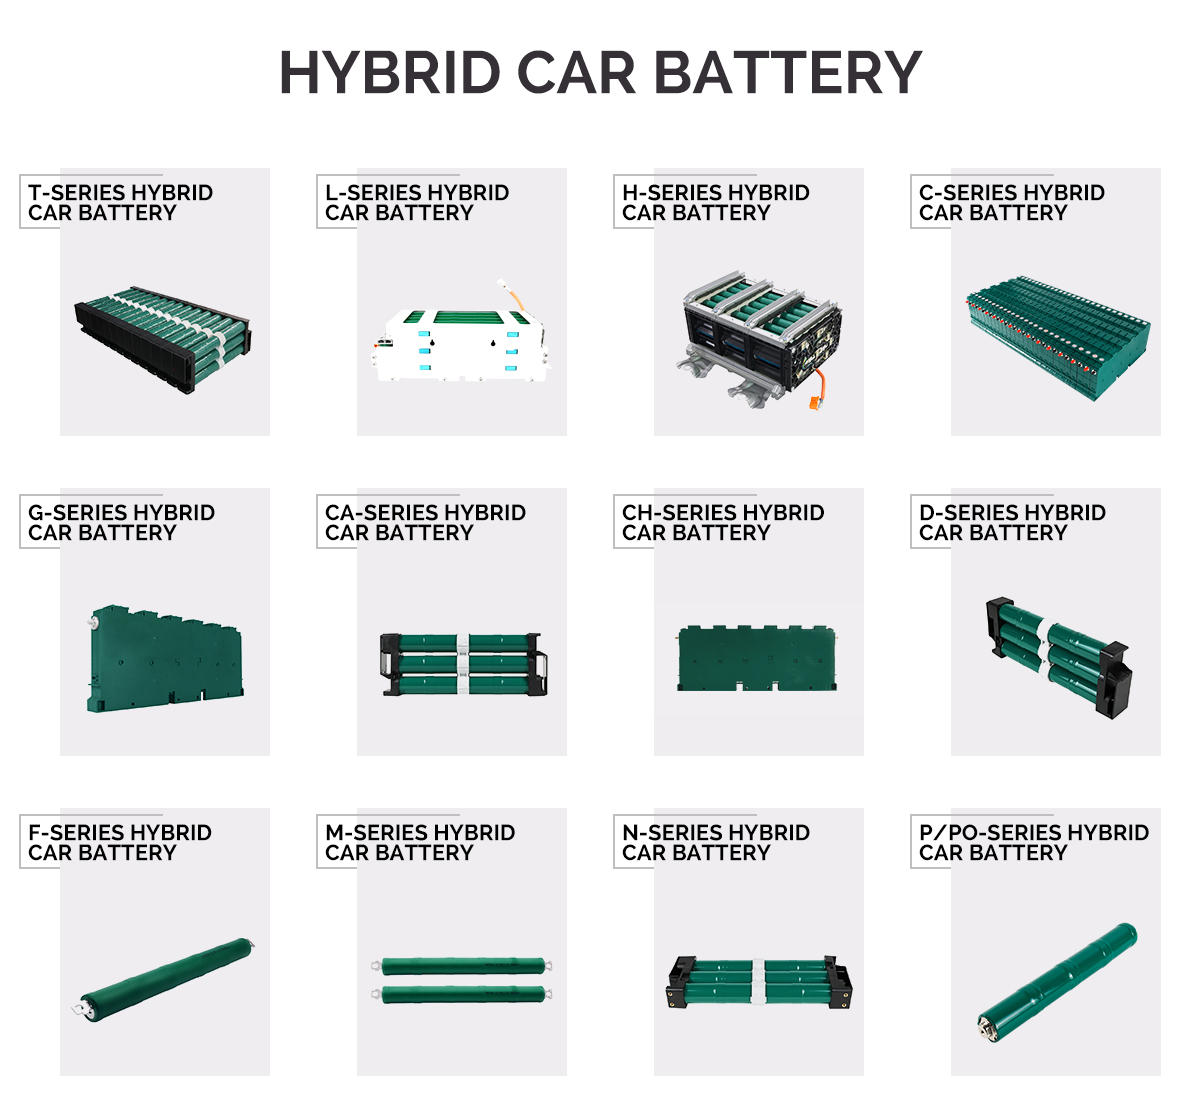 Ennocar 3 Year Warranty Car Battery for Toyota Prius C Aqua 2012 2013 2014 2015 2016 2017